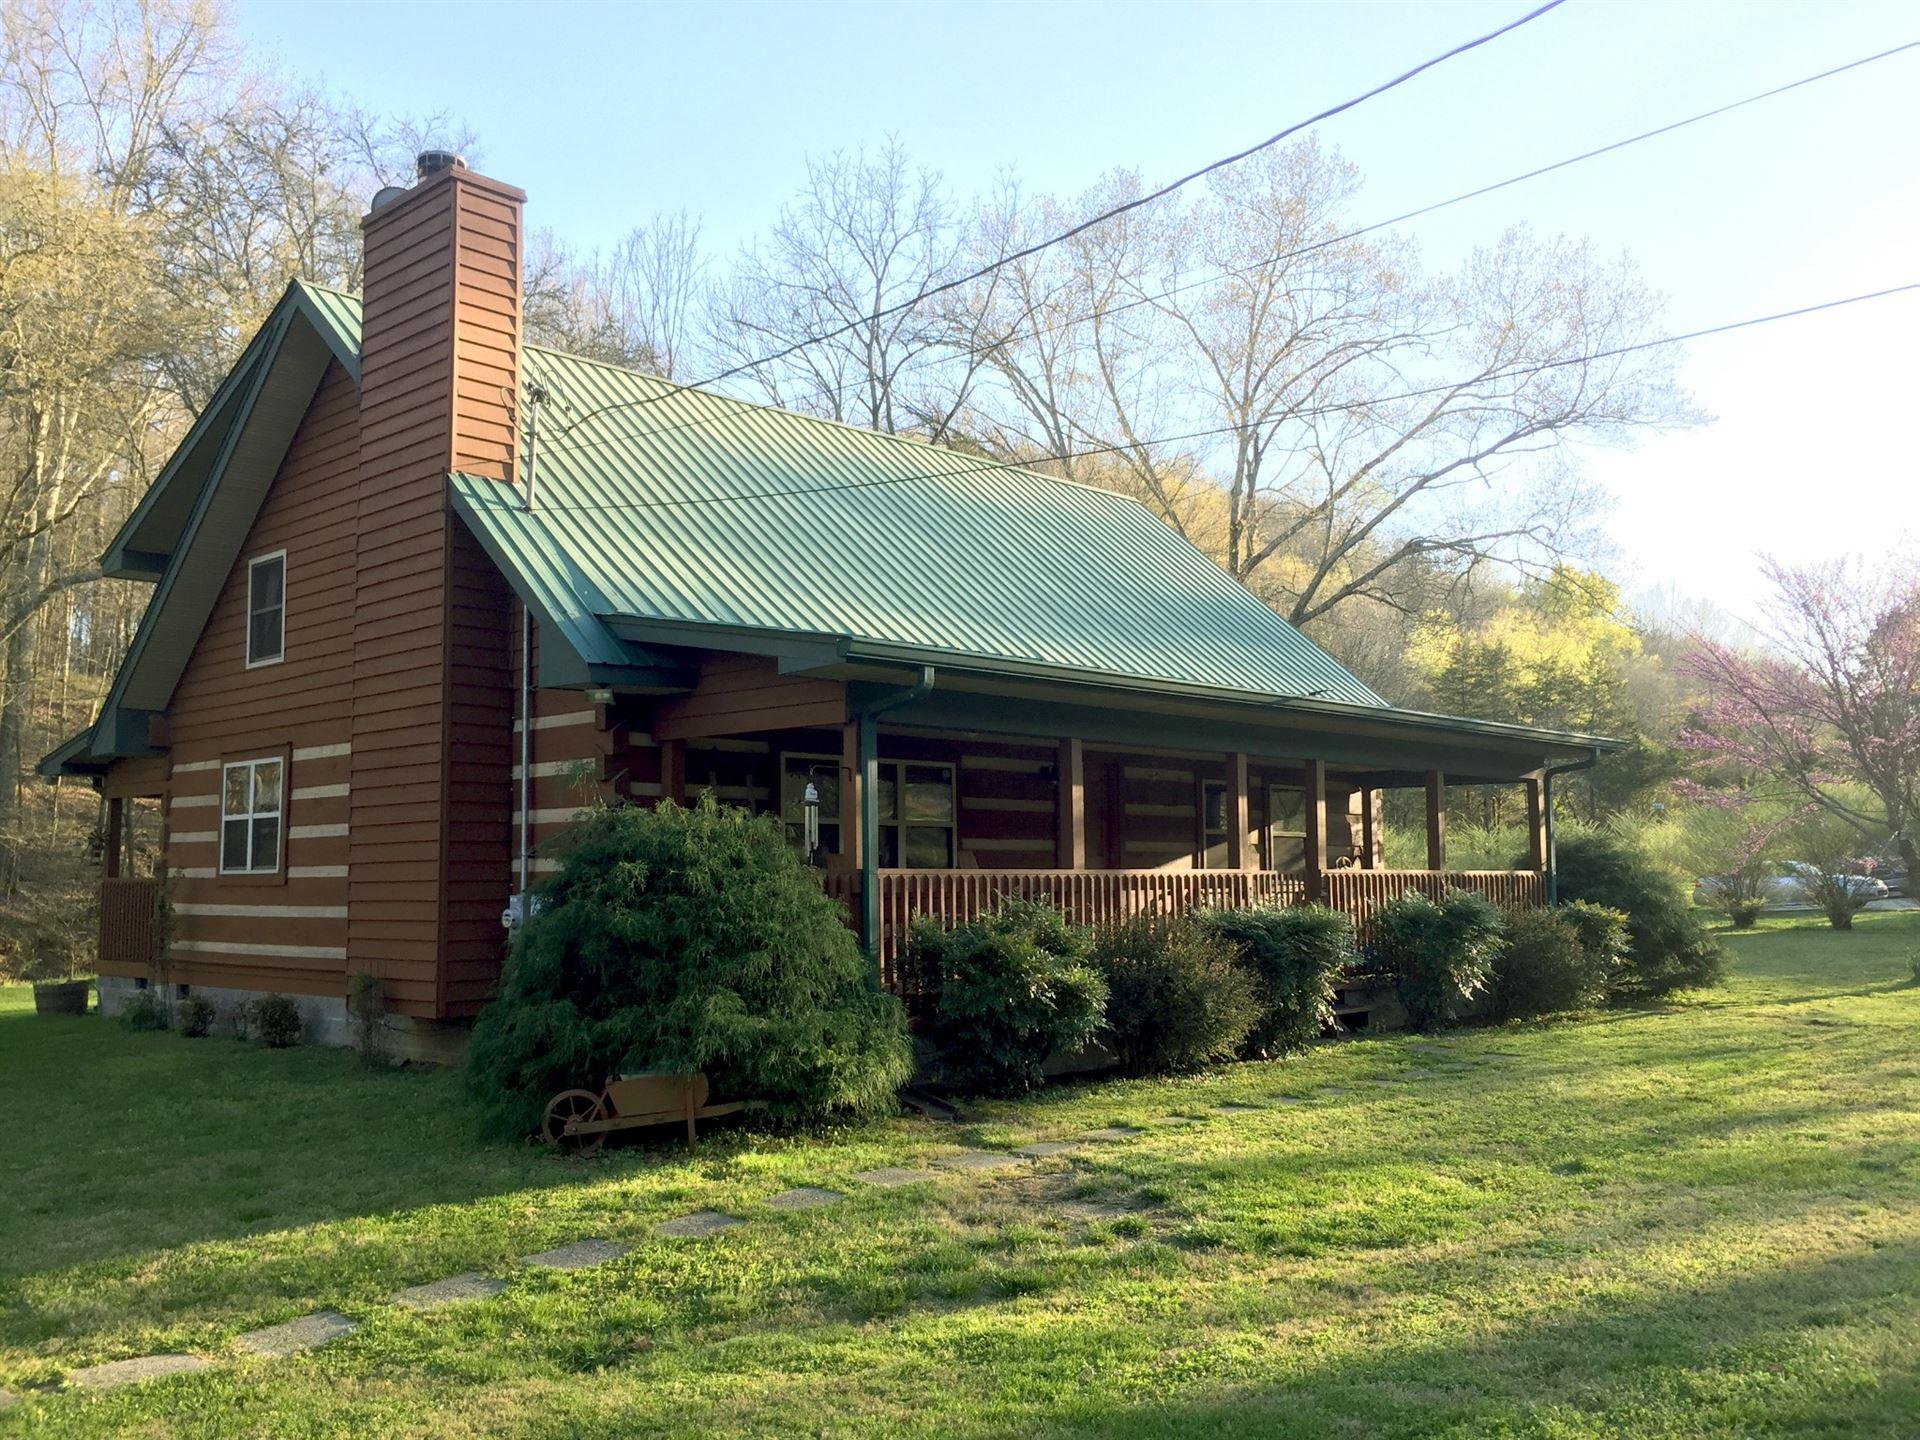 Photo of 3358 Freeman Hollow Rd, Goodlettsville, TN 37072 (MLS # 2243403)